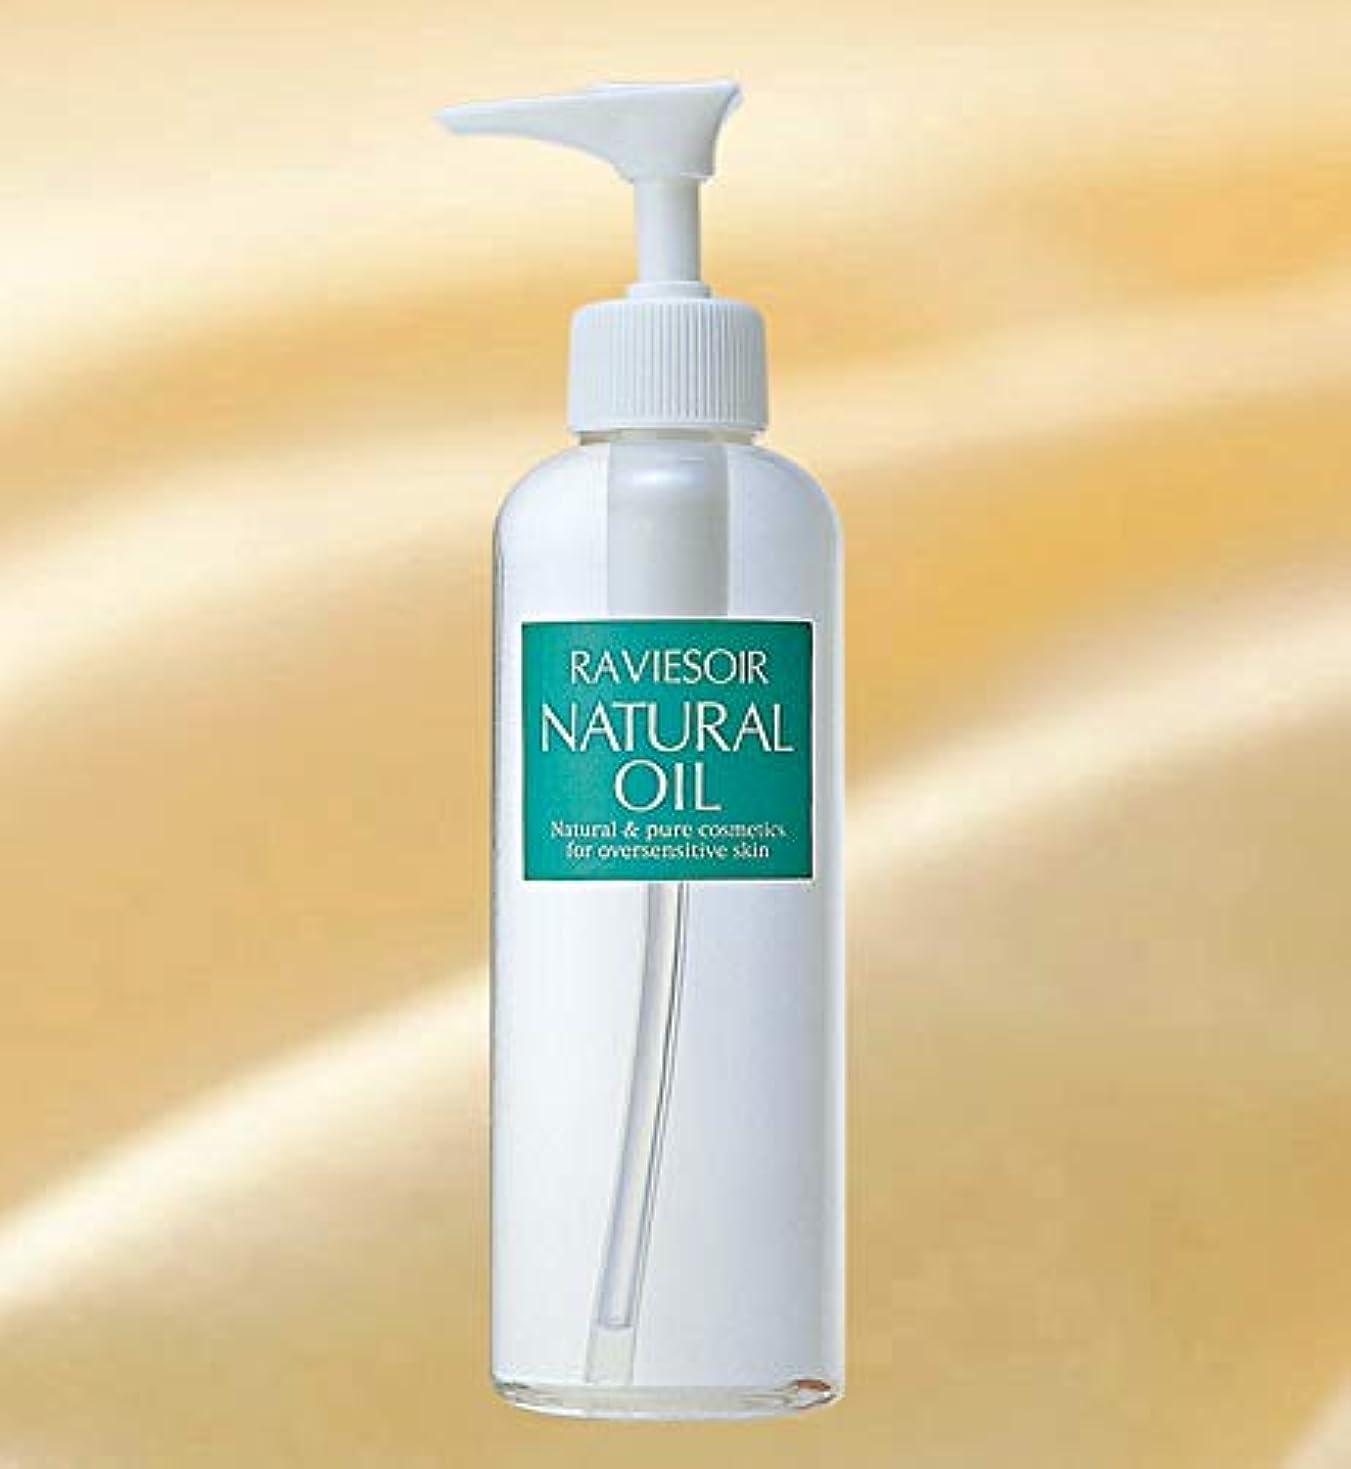 に関してリス反論者ラヴィソワール ナチュラルオイル(200ml) Raviesoir Natural Oil